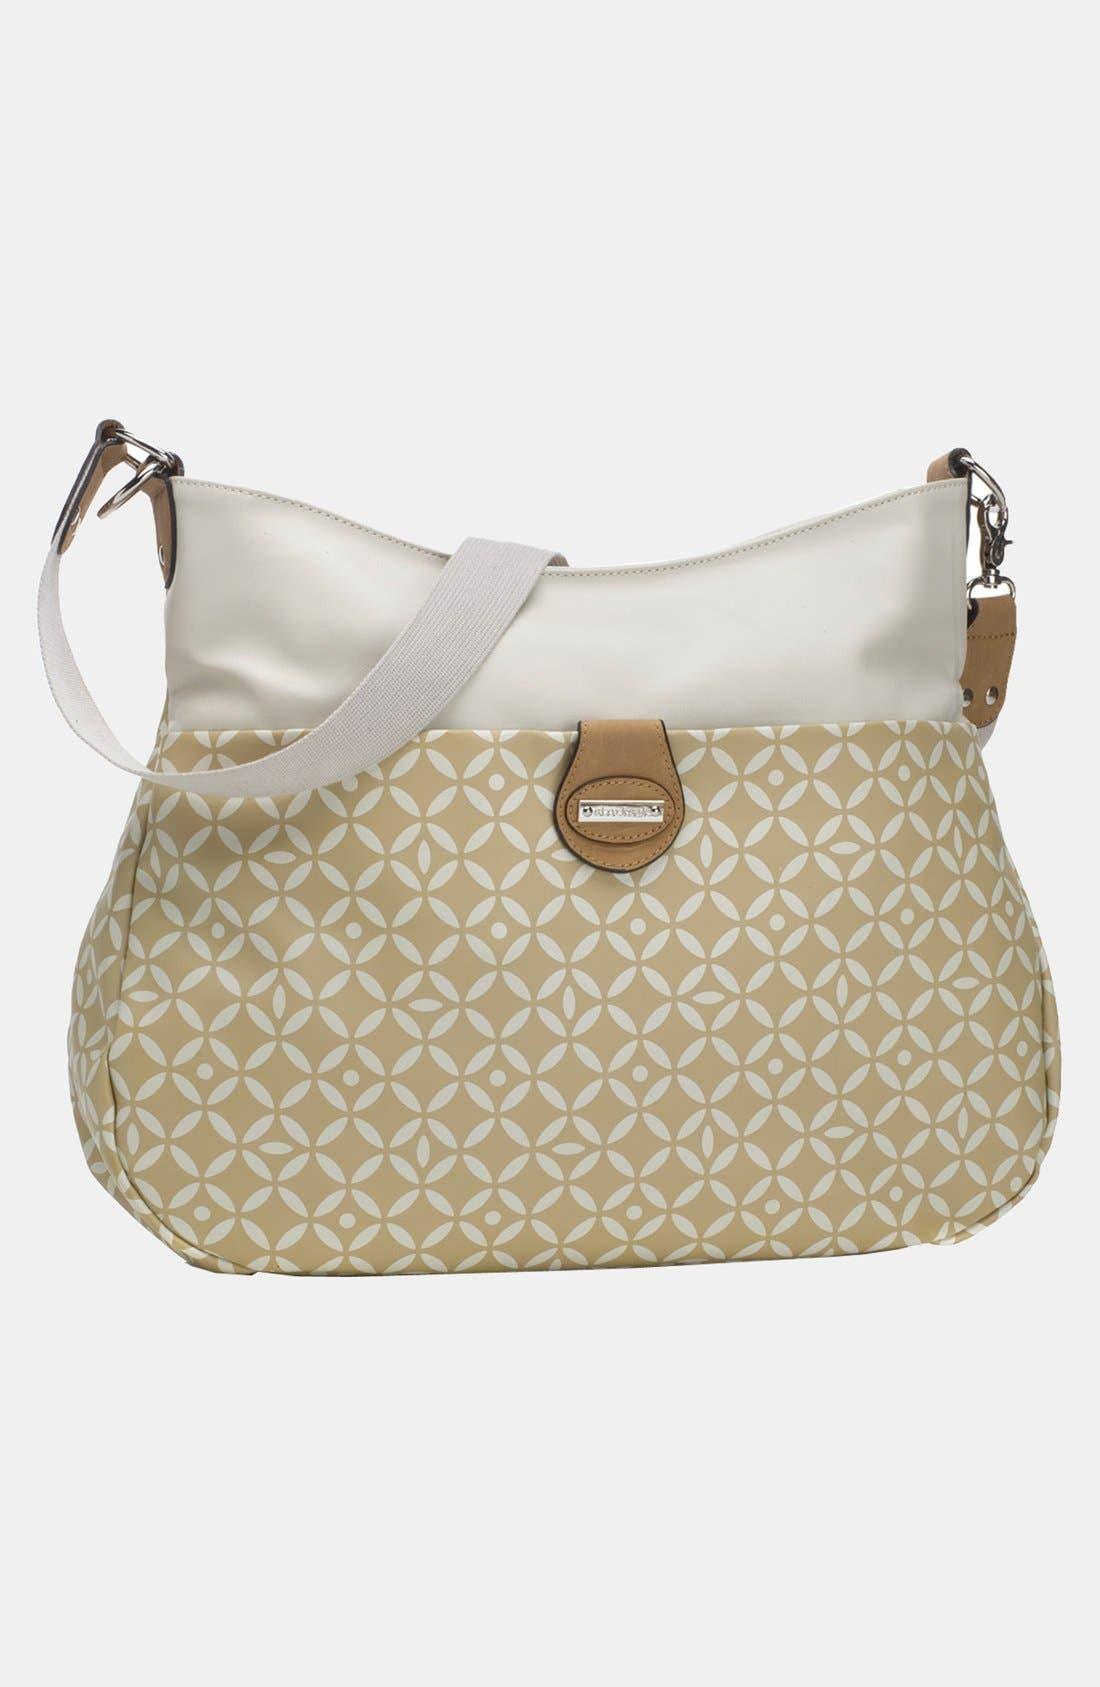 Main Image - Storksak 'Nina' Diaper Bag